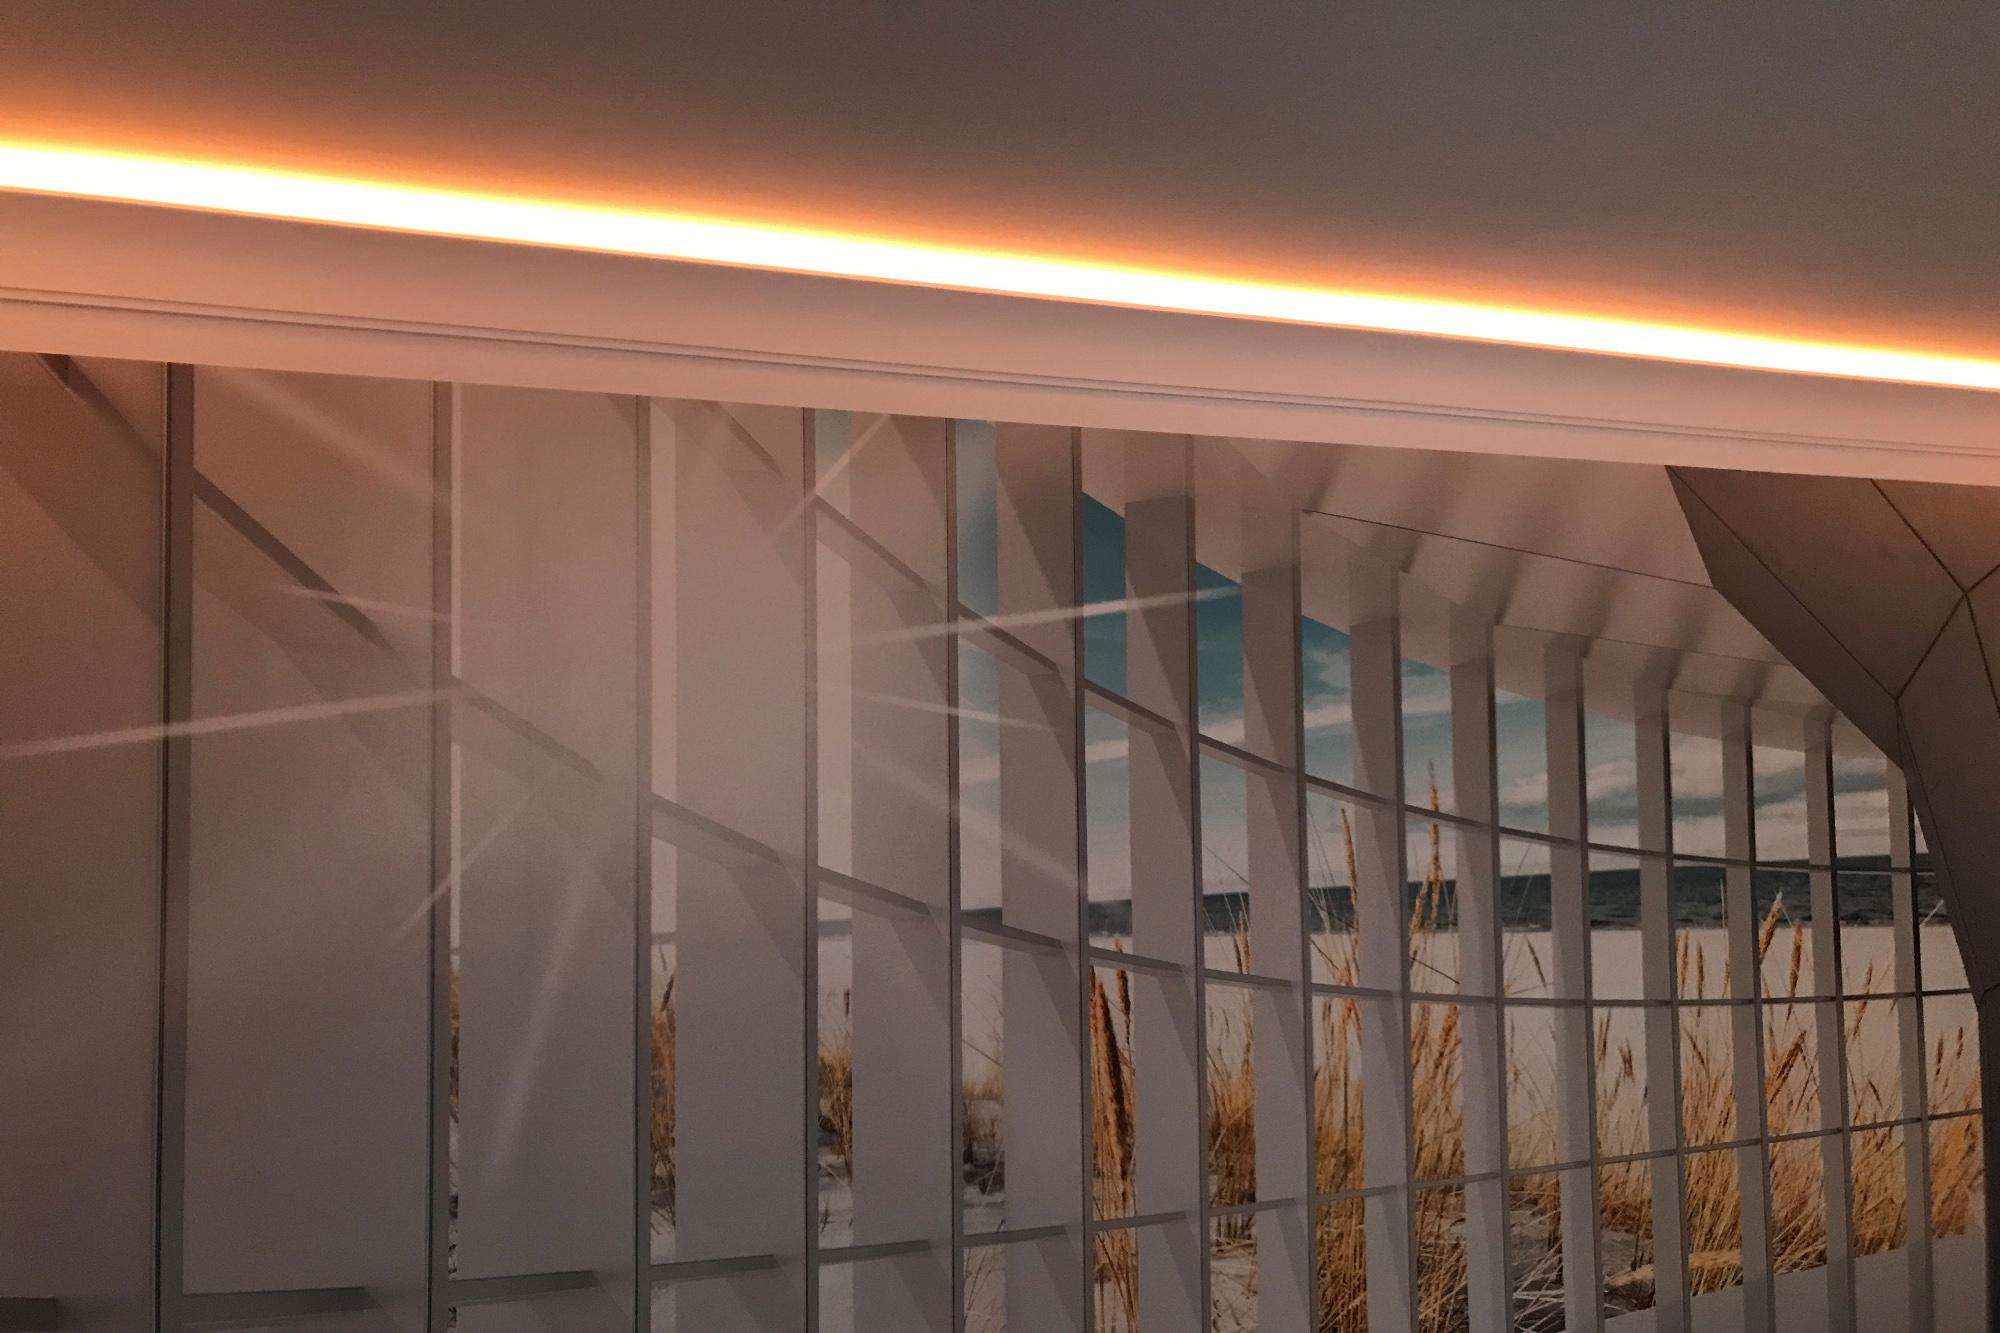 2meter led pu stuckleiste f r indirekte beleuchtung zierleiste sto fest ek led 4 ebay. Black Bedroom Furniture Sets. Home Design Ideas